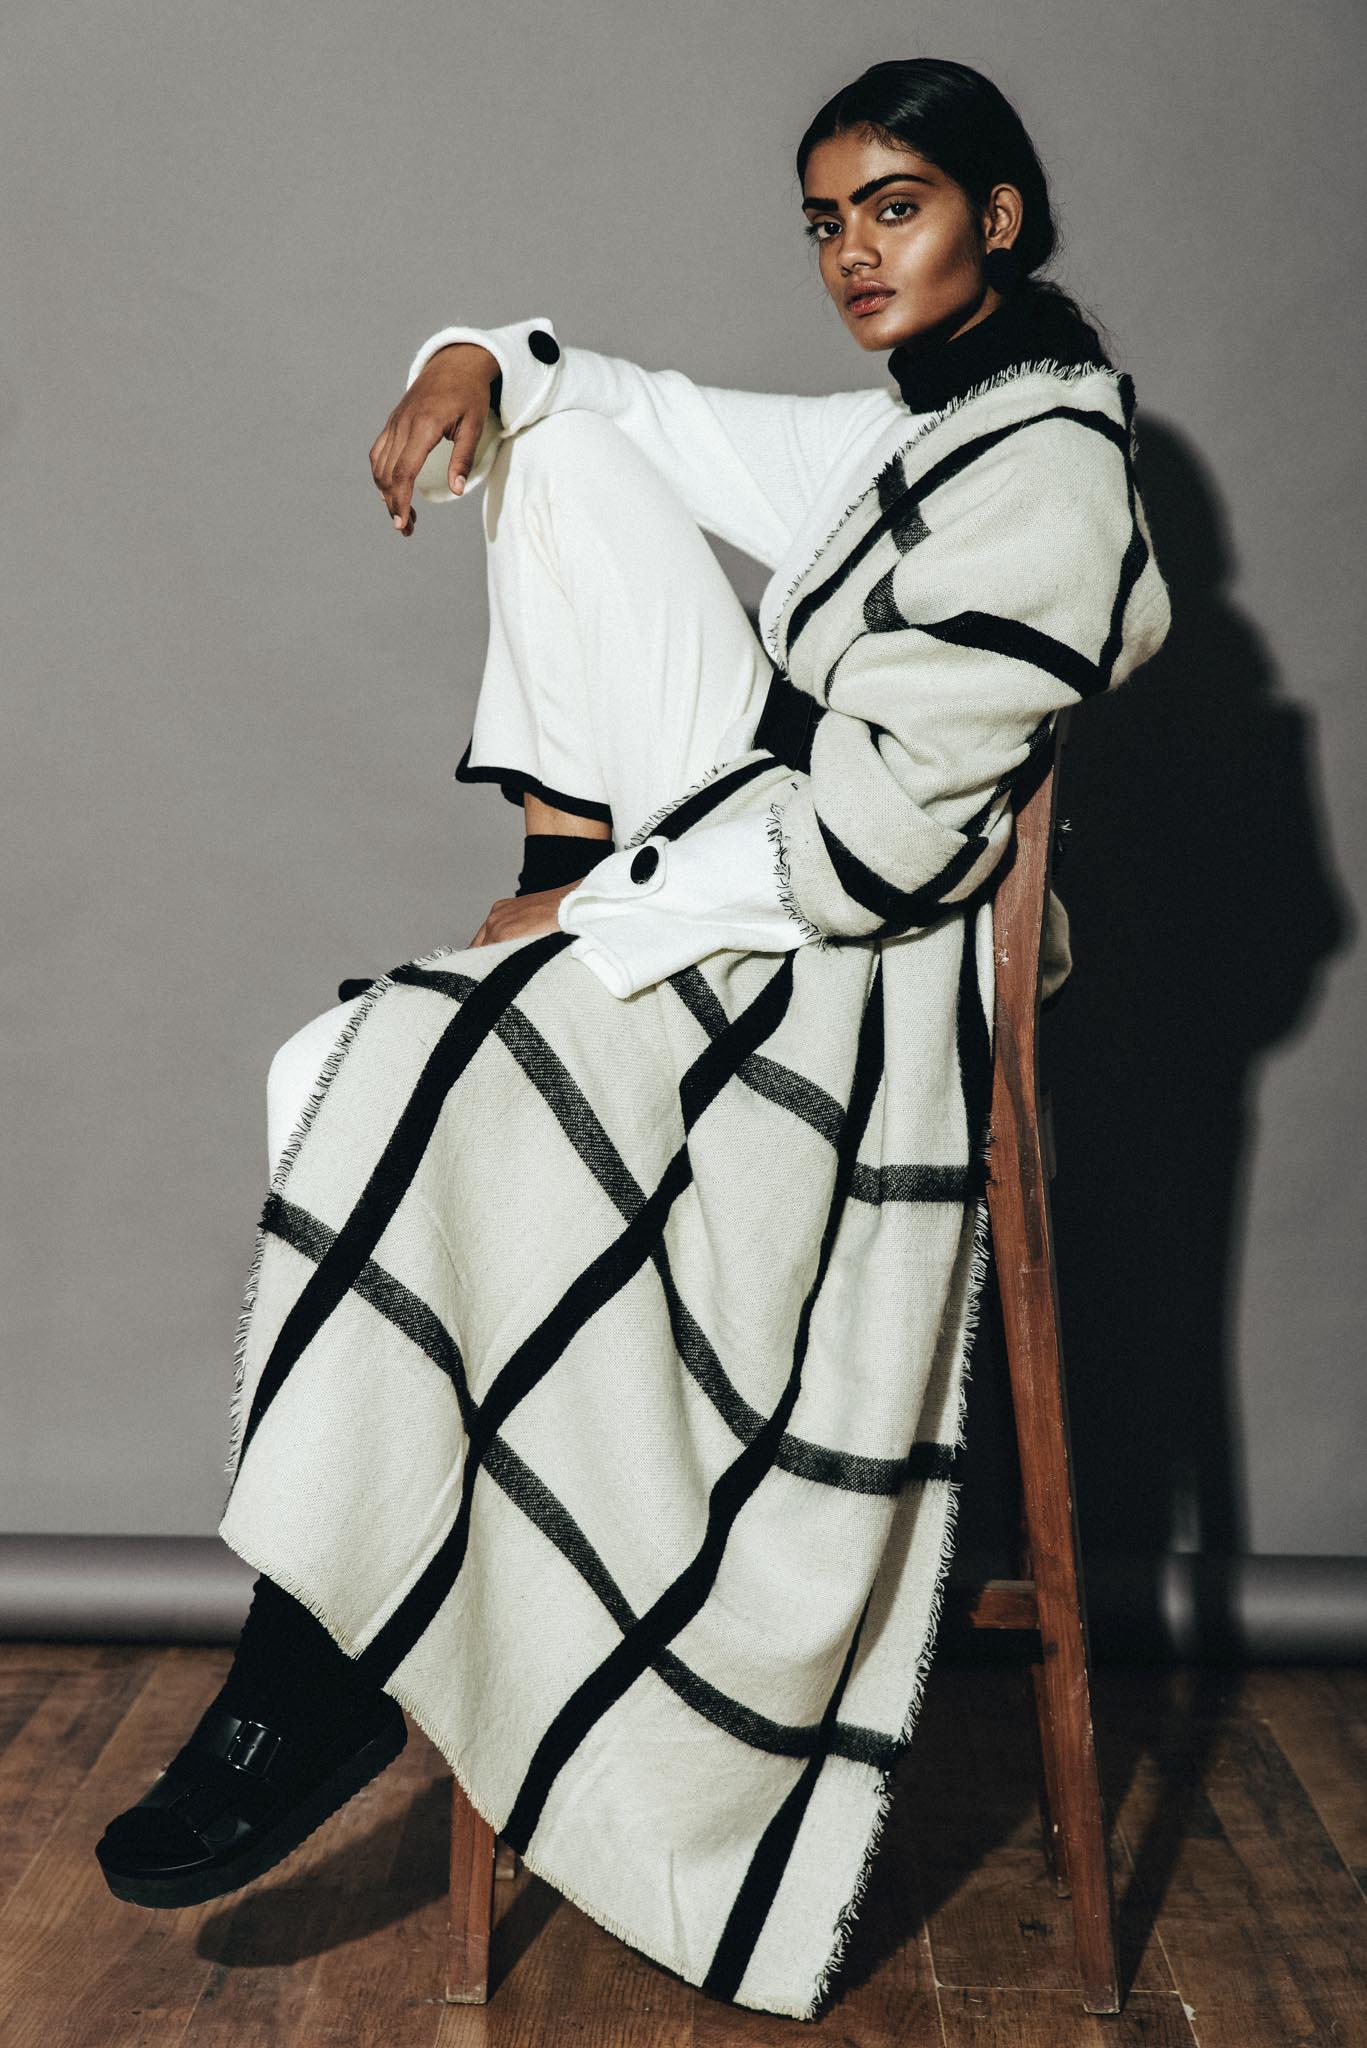 Karan Nevatia Fashion 84.jpg